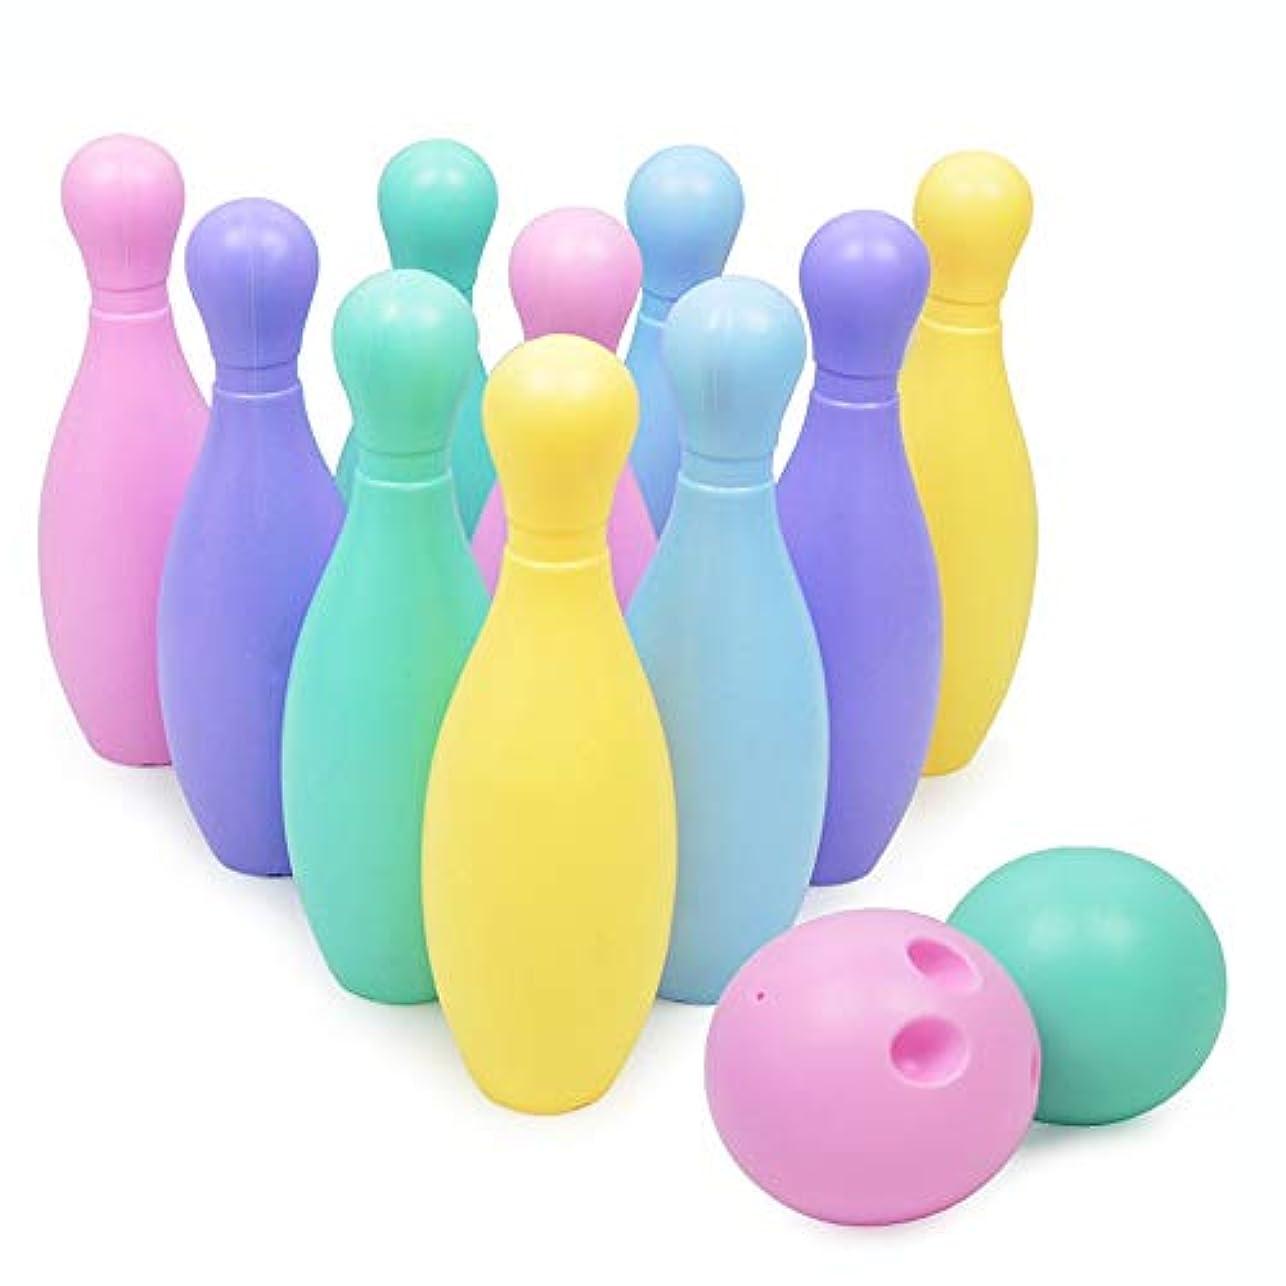 旋律的宇宙のせっかち幼児ボーリングのおもちゃ カラフルなボーリング設定スキットルズゲーム屋外の子供の幼児の少年少女のための10個のピン2玉と屋内ガーデン玩具 幼児教育玩具 (色 : Multi-colored, Size : One size)